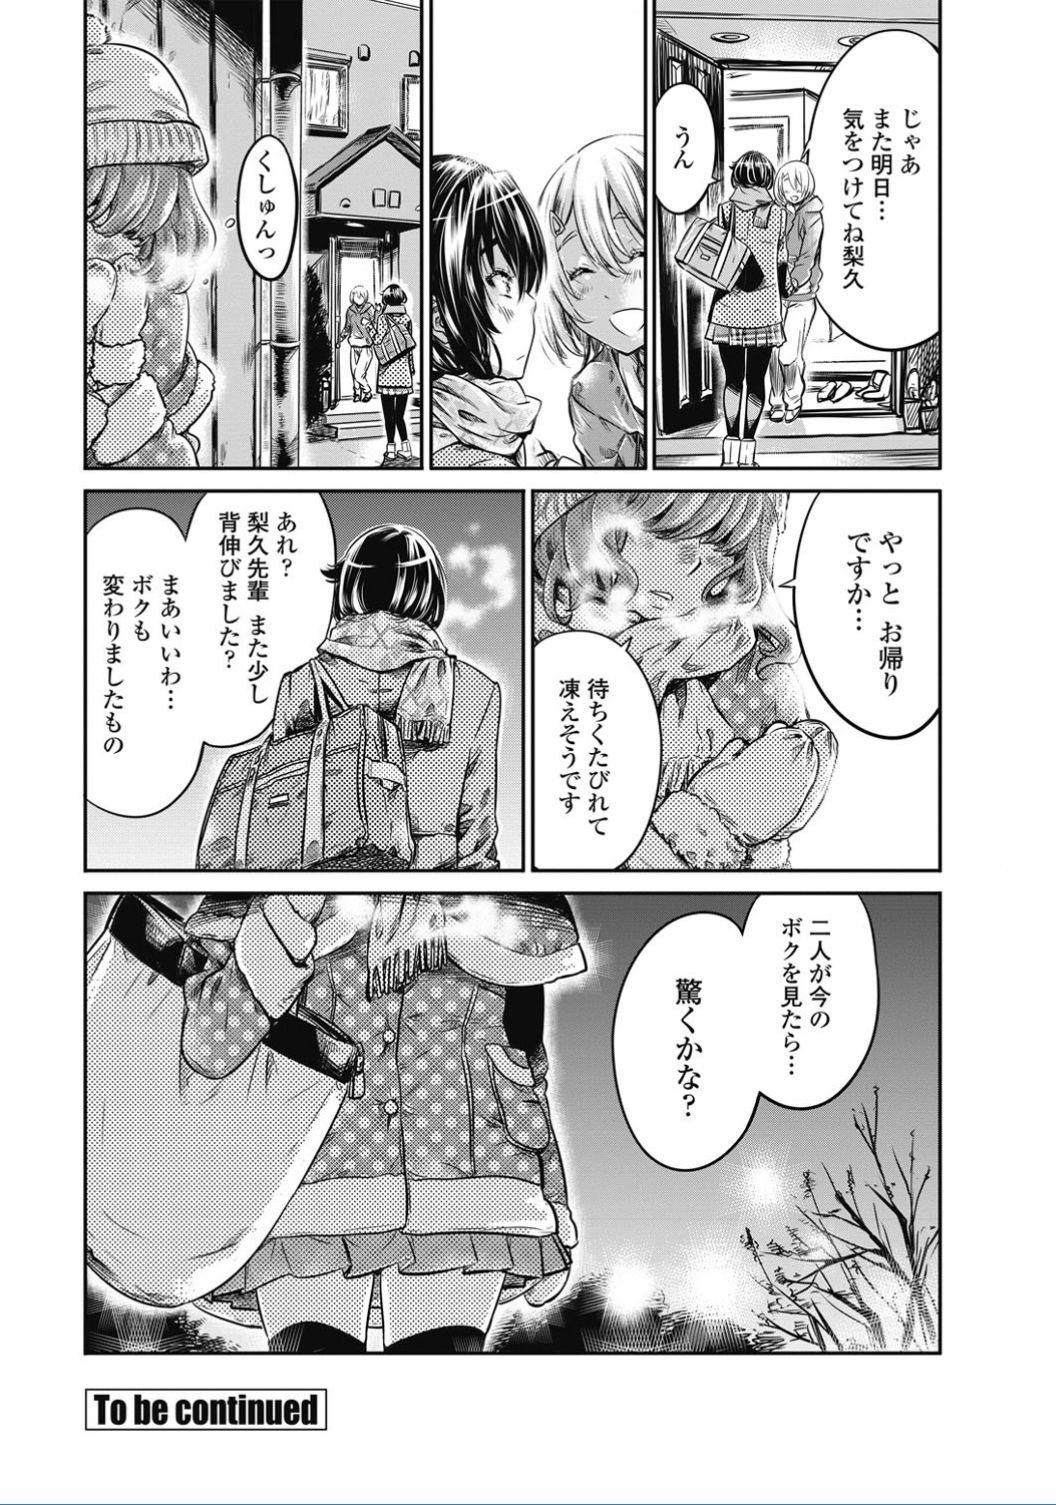 長身の女子が背の低い男子と一生懸命エッチしまくるw【エロ漫画・同人誌】 020